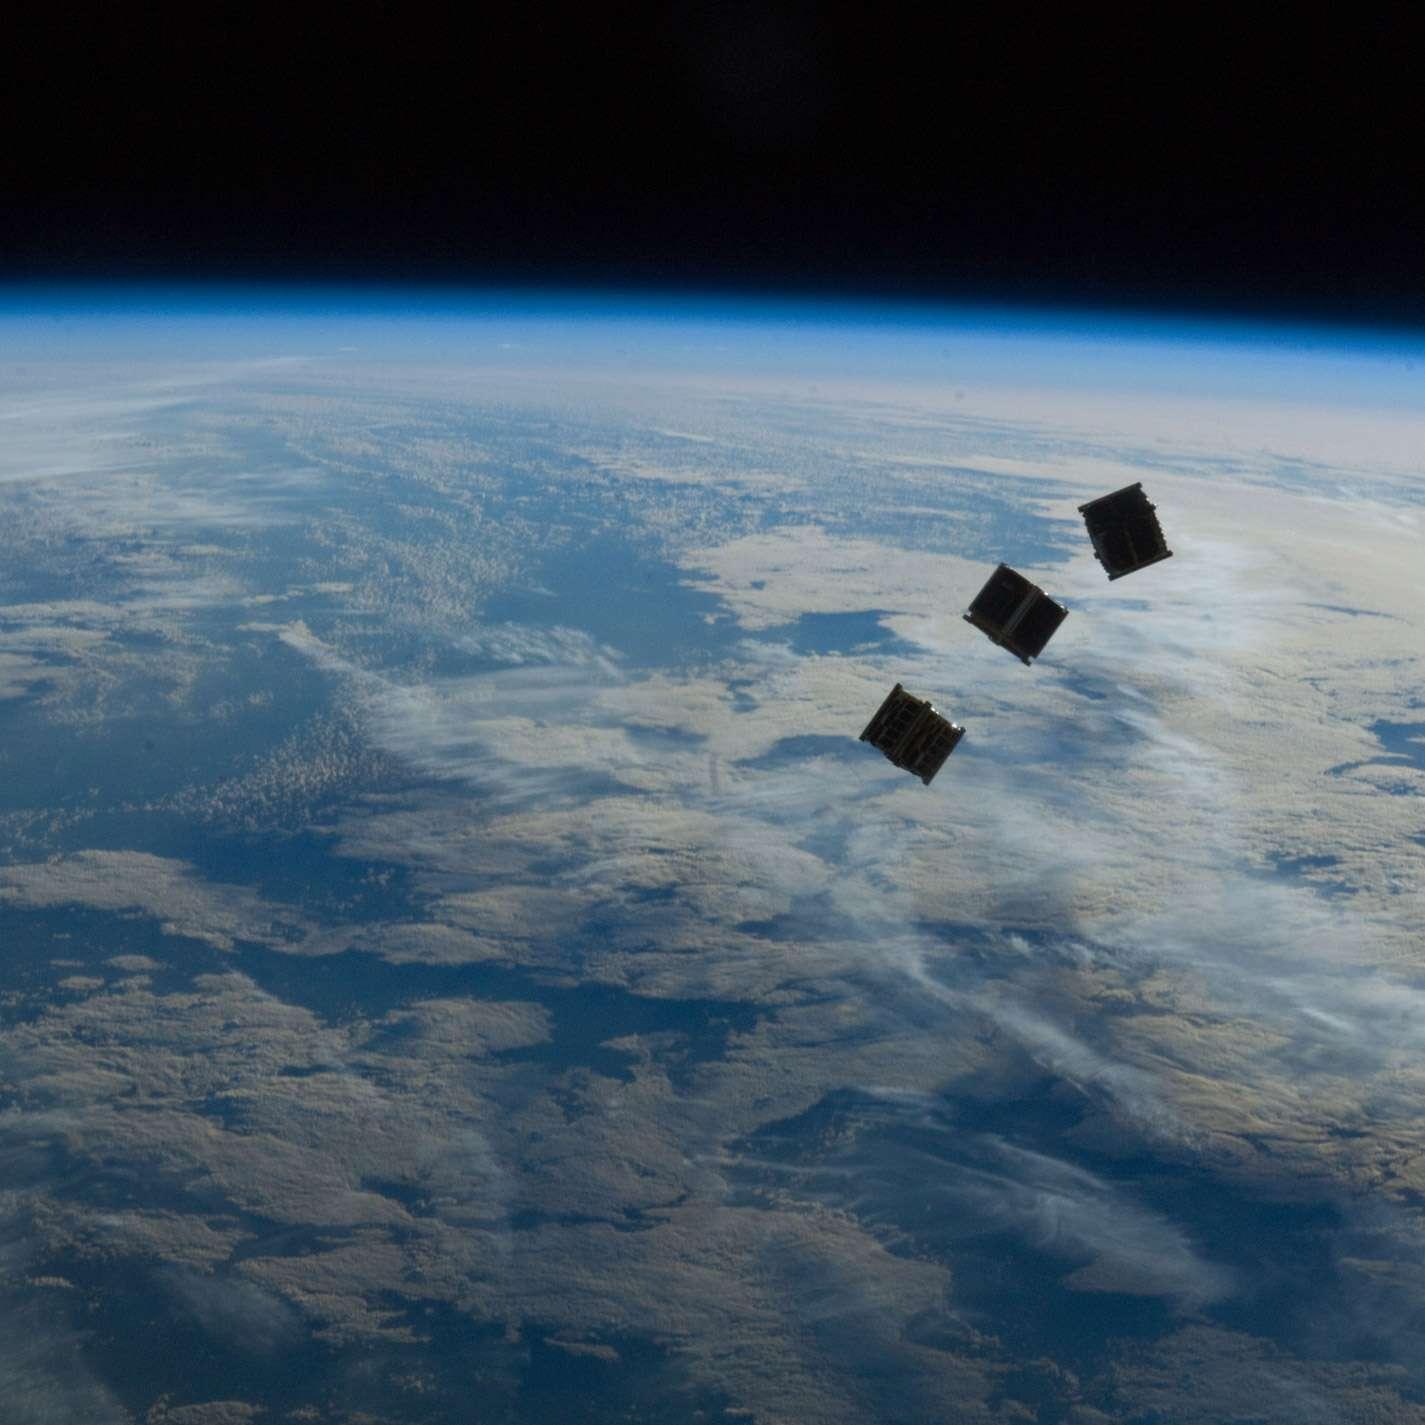 Trois CubeSat lancés depuis la Station spatiale internationale en octobre 2012. Media Development Investment Fund compte utiliser ces microsatellites pour fournir un service Internet global et gratuit. © Nasa